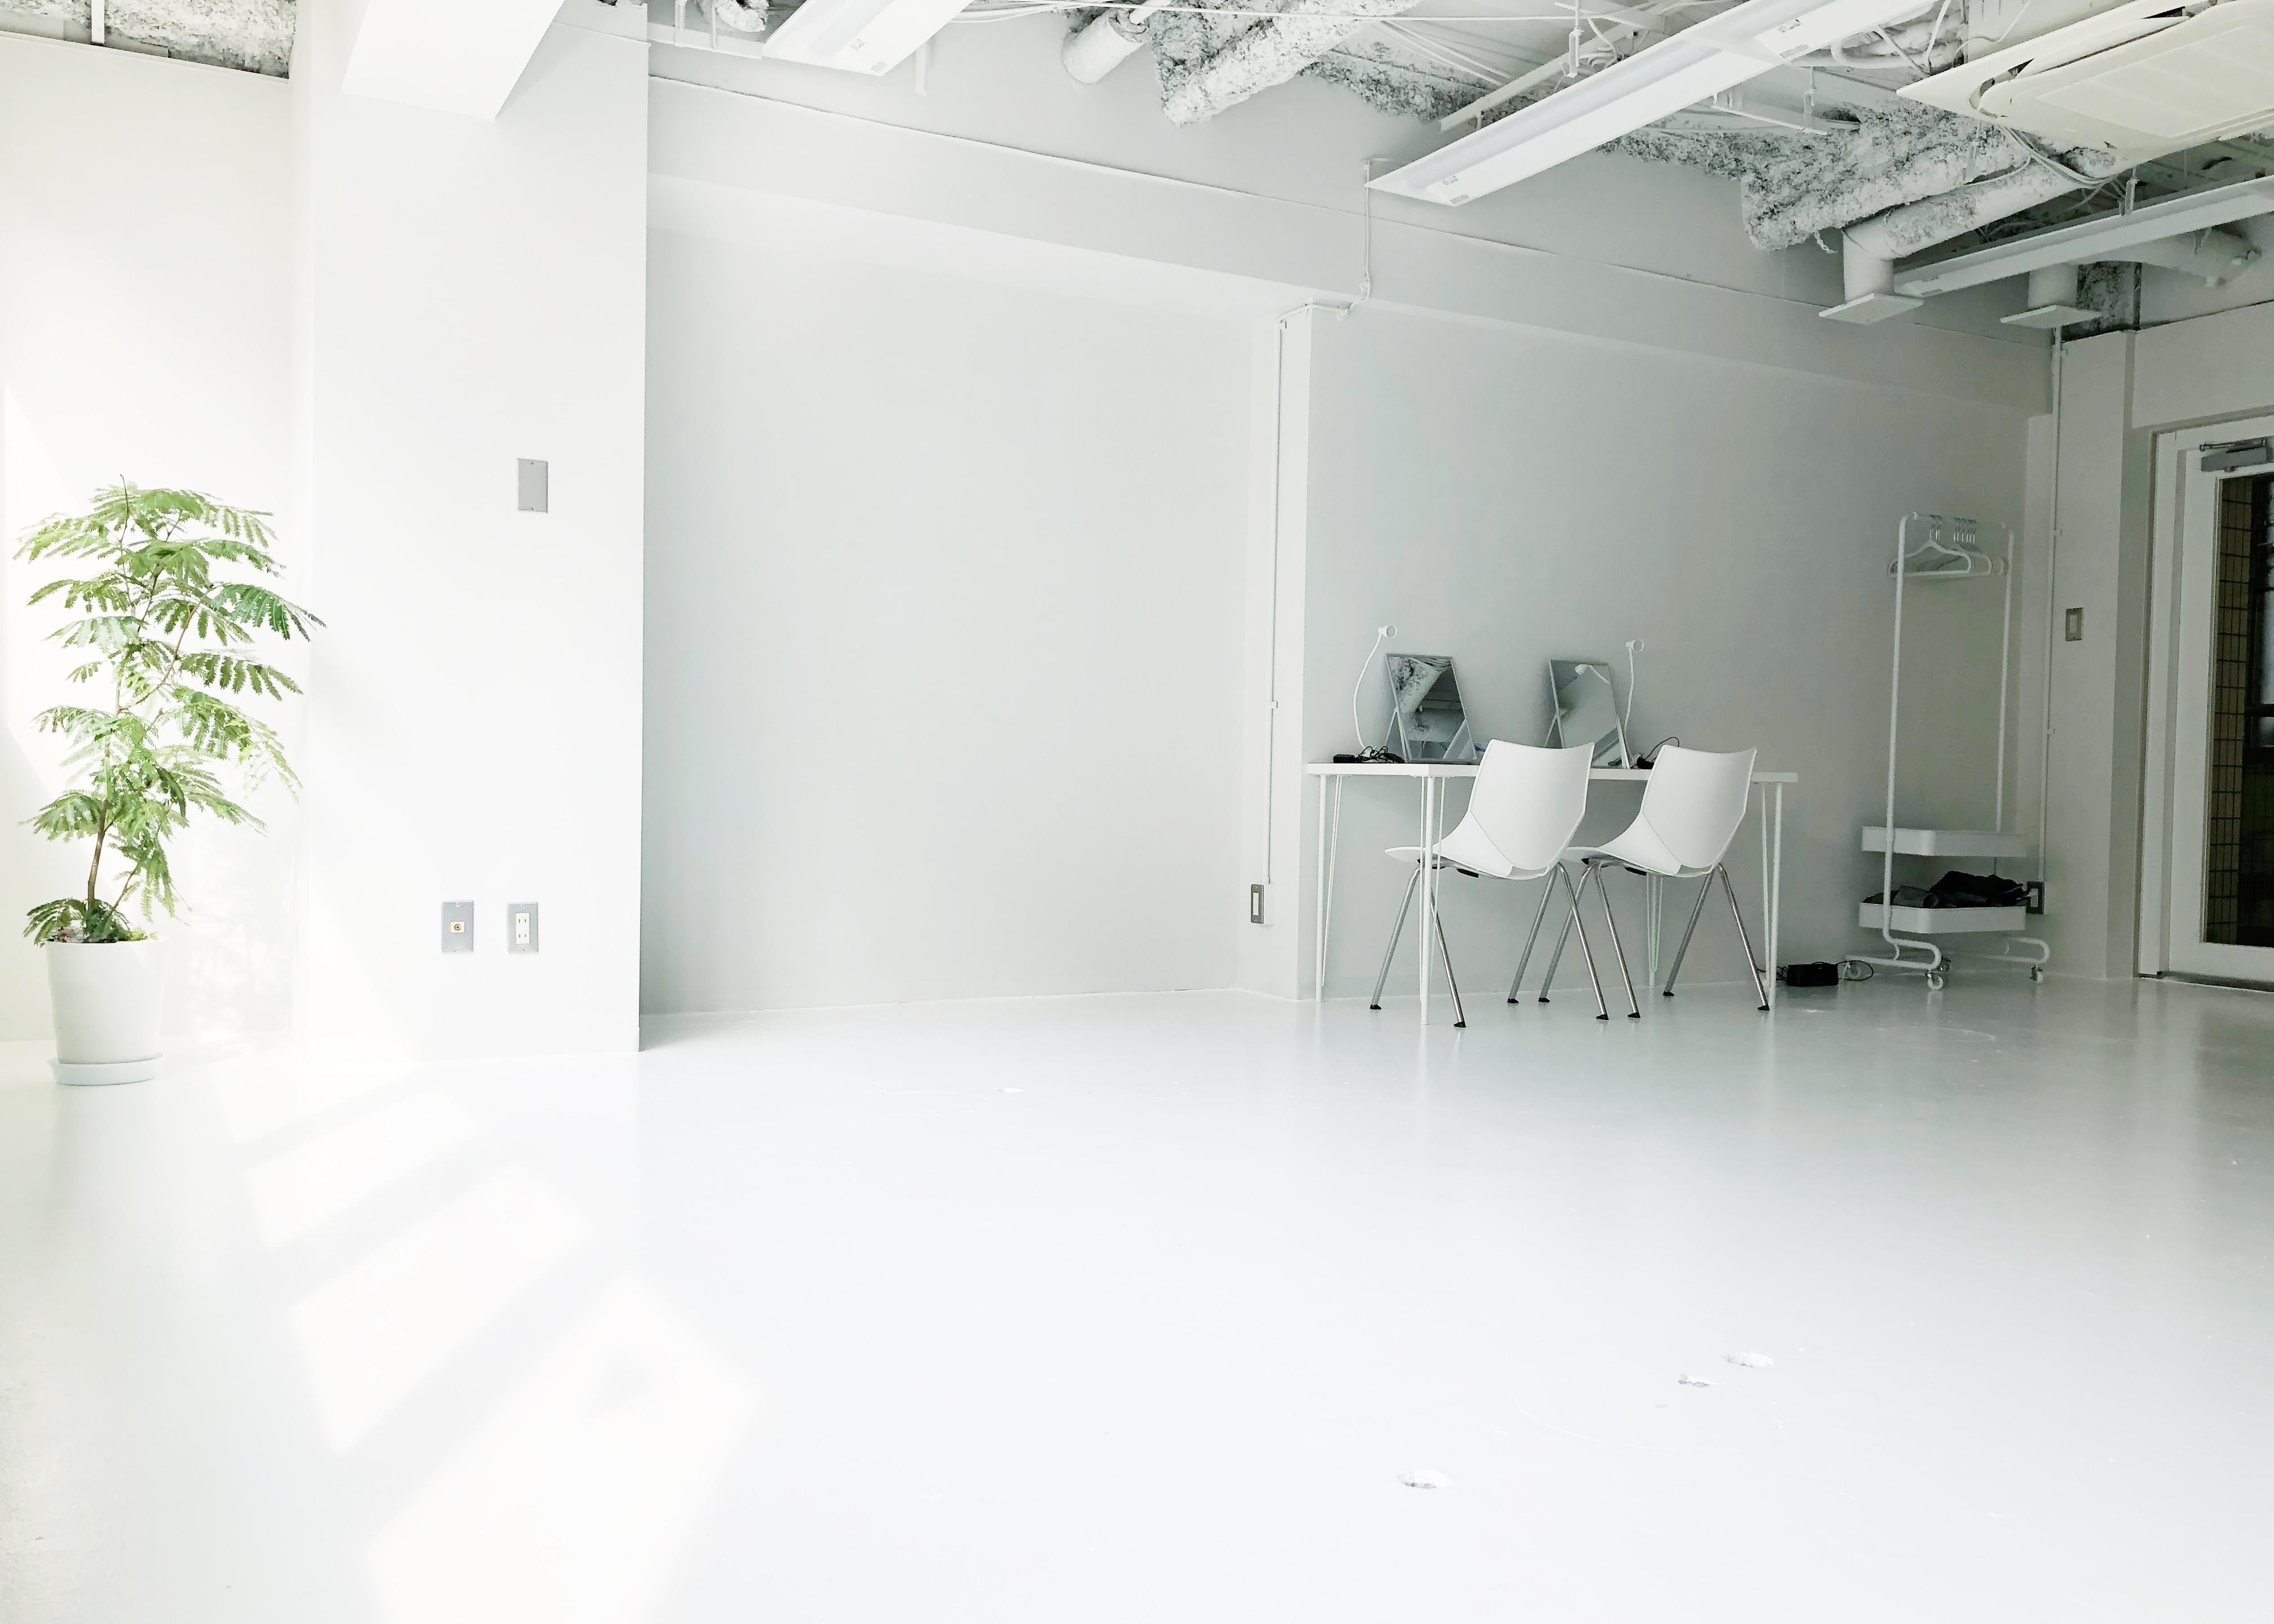 【10,000円以下】新宿エリアの撮影スタジオ−8選−